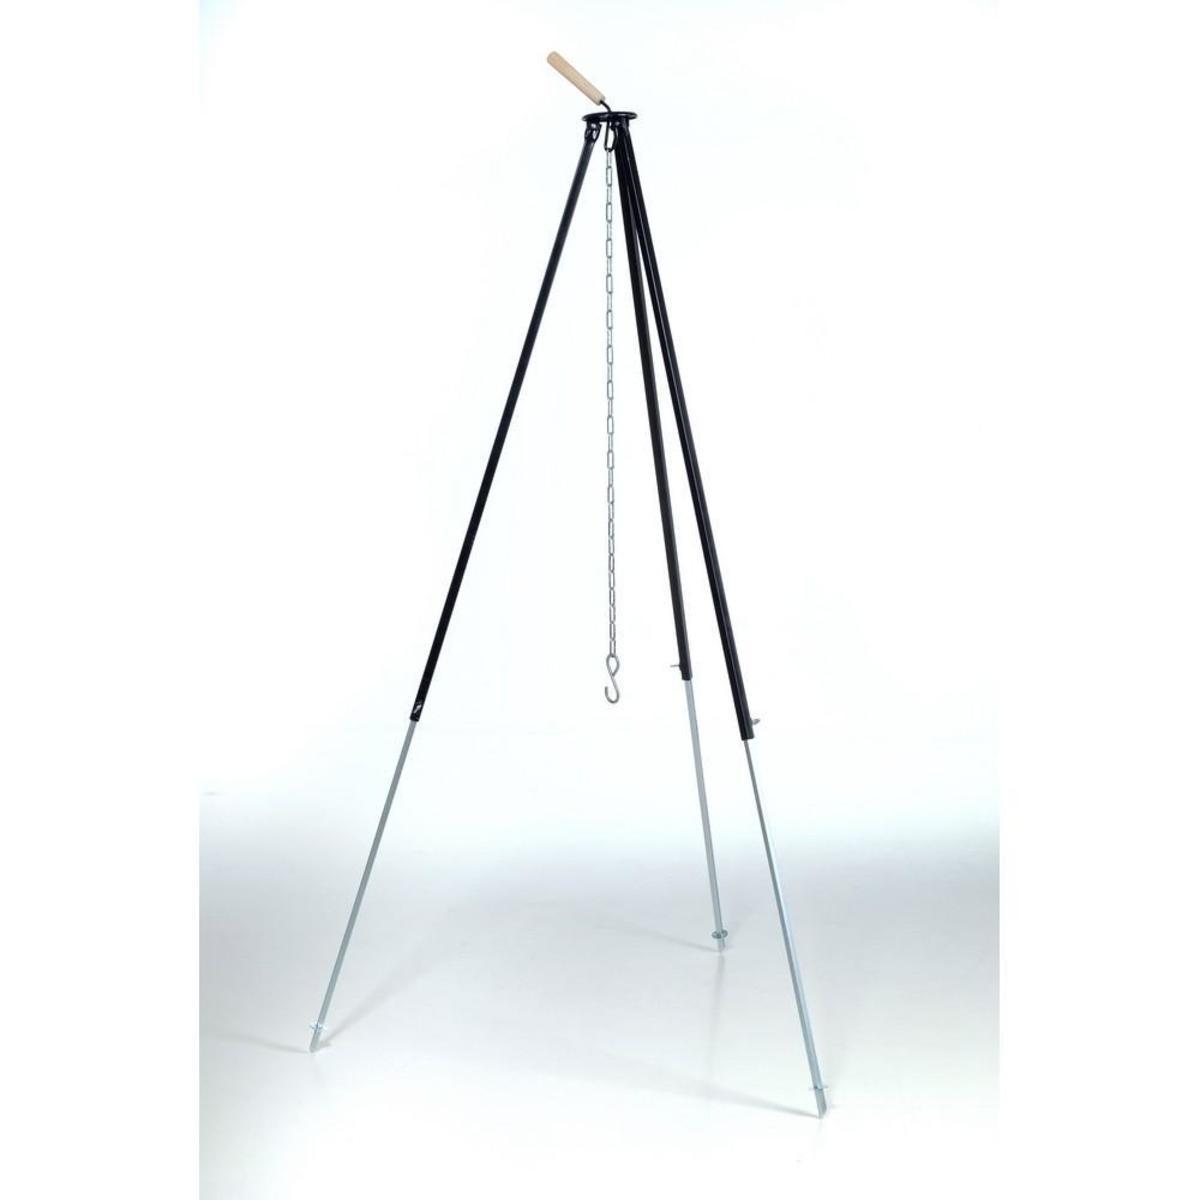 Bild 2 von acerto® Gulaschkessel 22 Liter + Dreibein 180cm